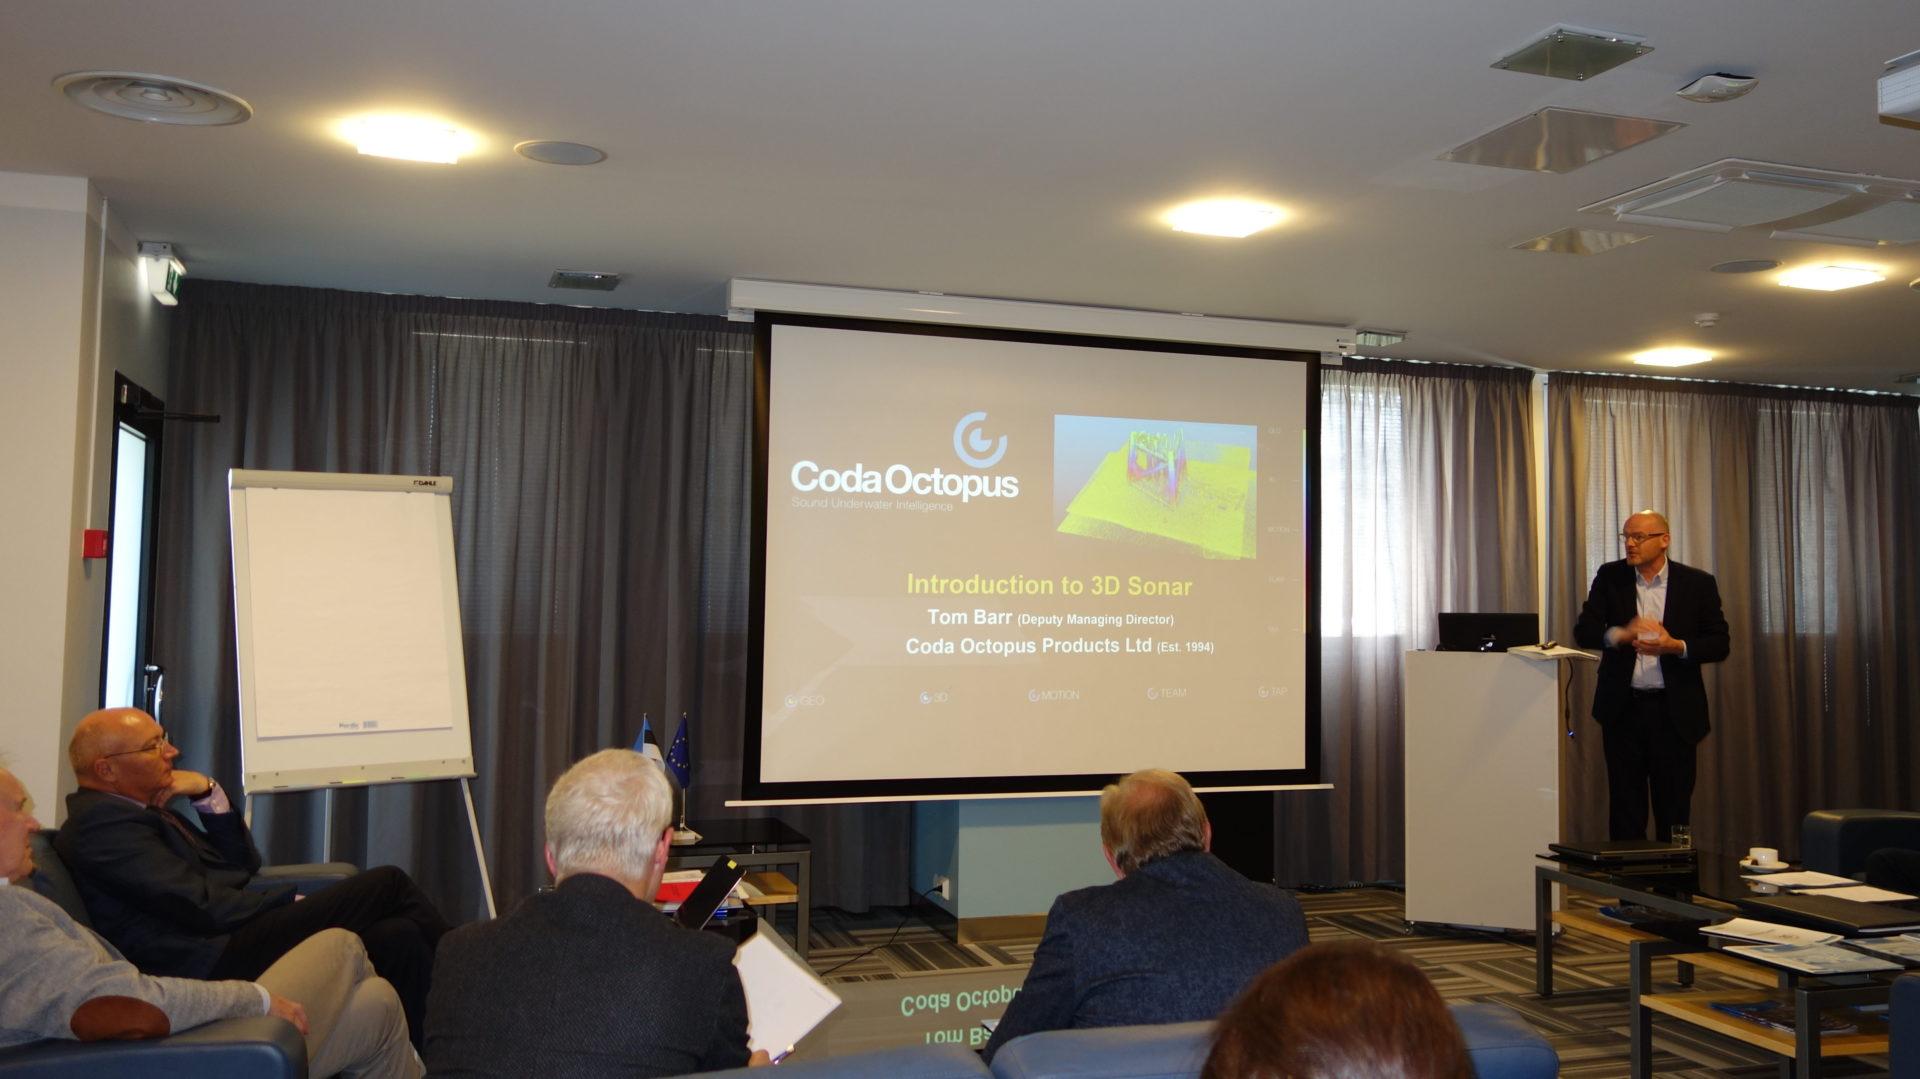 Presentation by Tom Barr, Deputy Managing Director, Coda Octopus Group Inc.